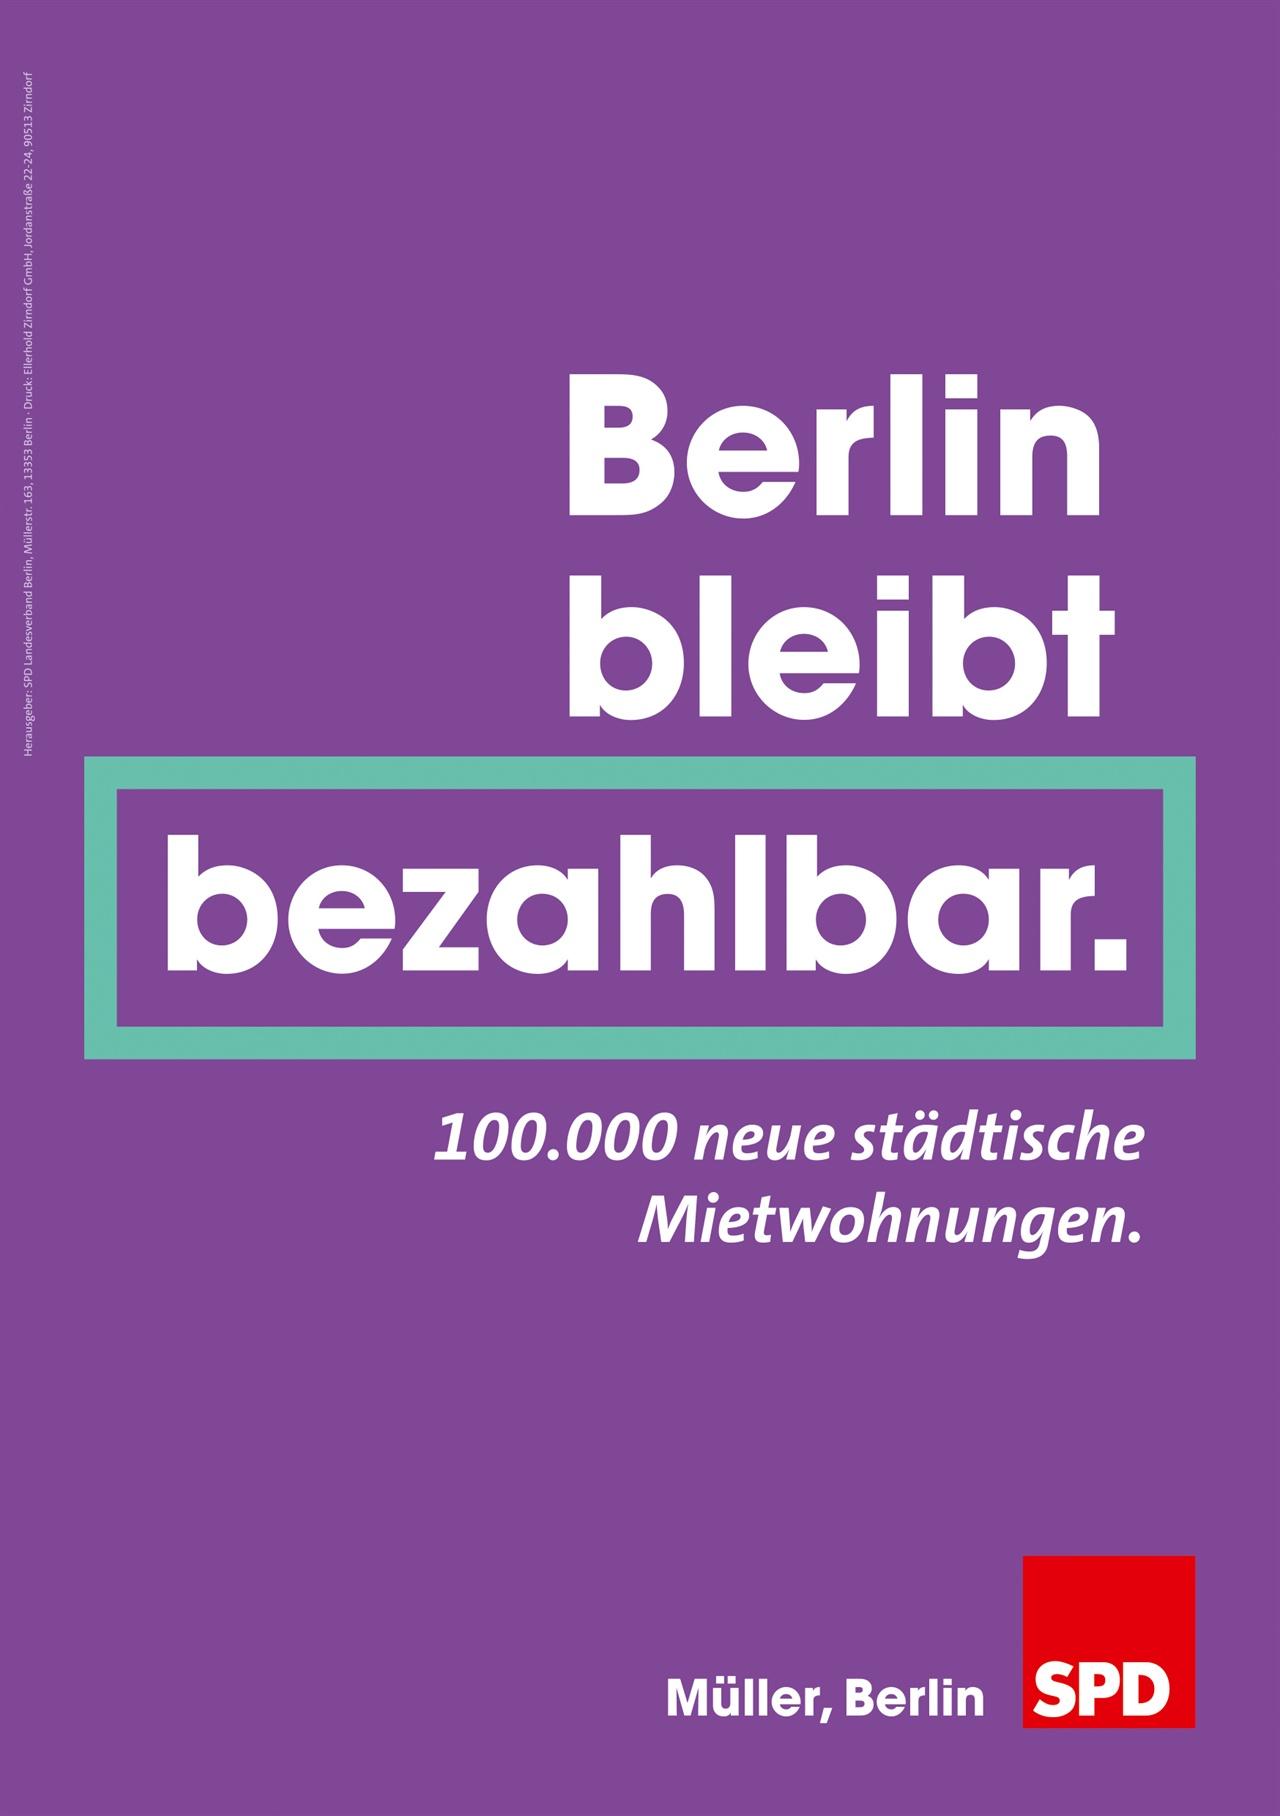 """사민당의 선거 포스터 중 주거 관련 테마. """"베를린은 (월세가 저렴하여) 지불 가능한 도시로 남는다."""""""